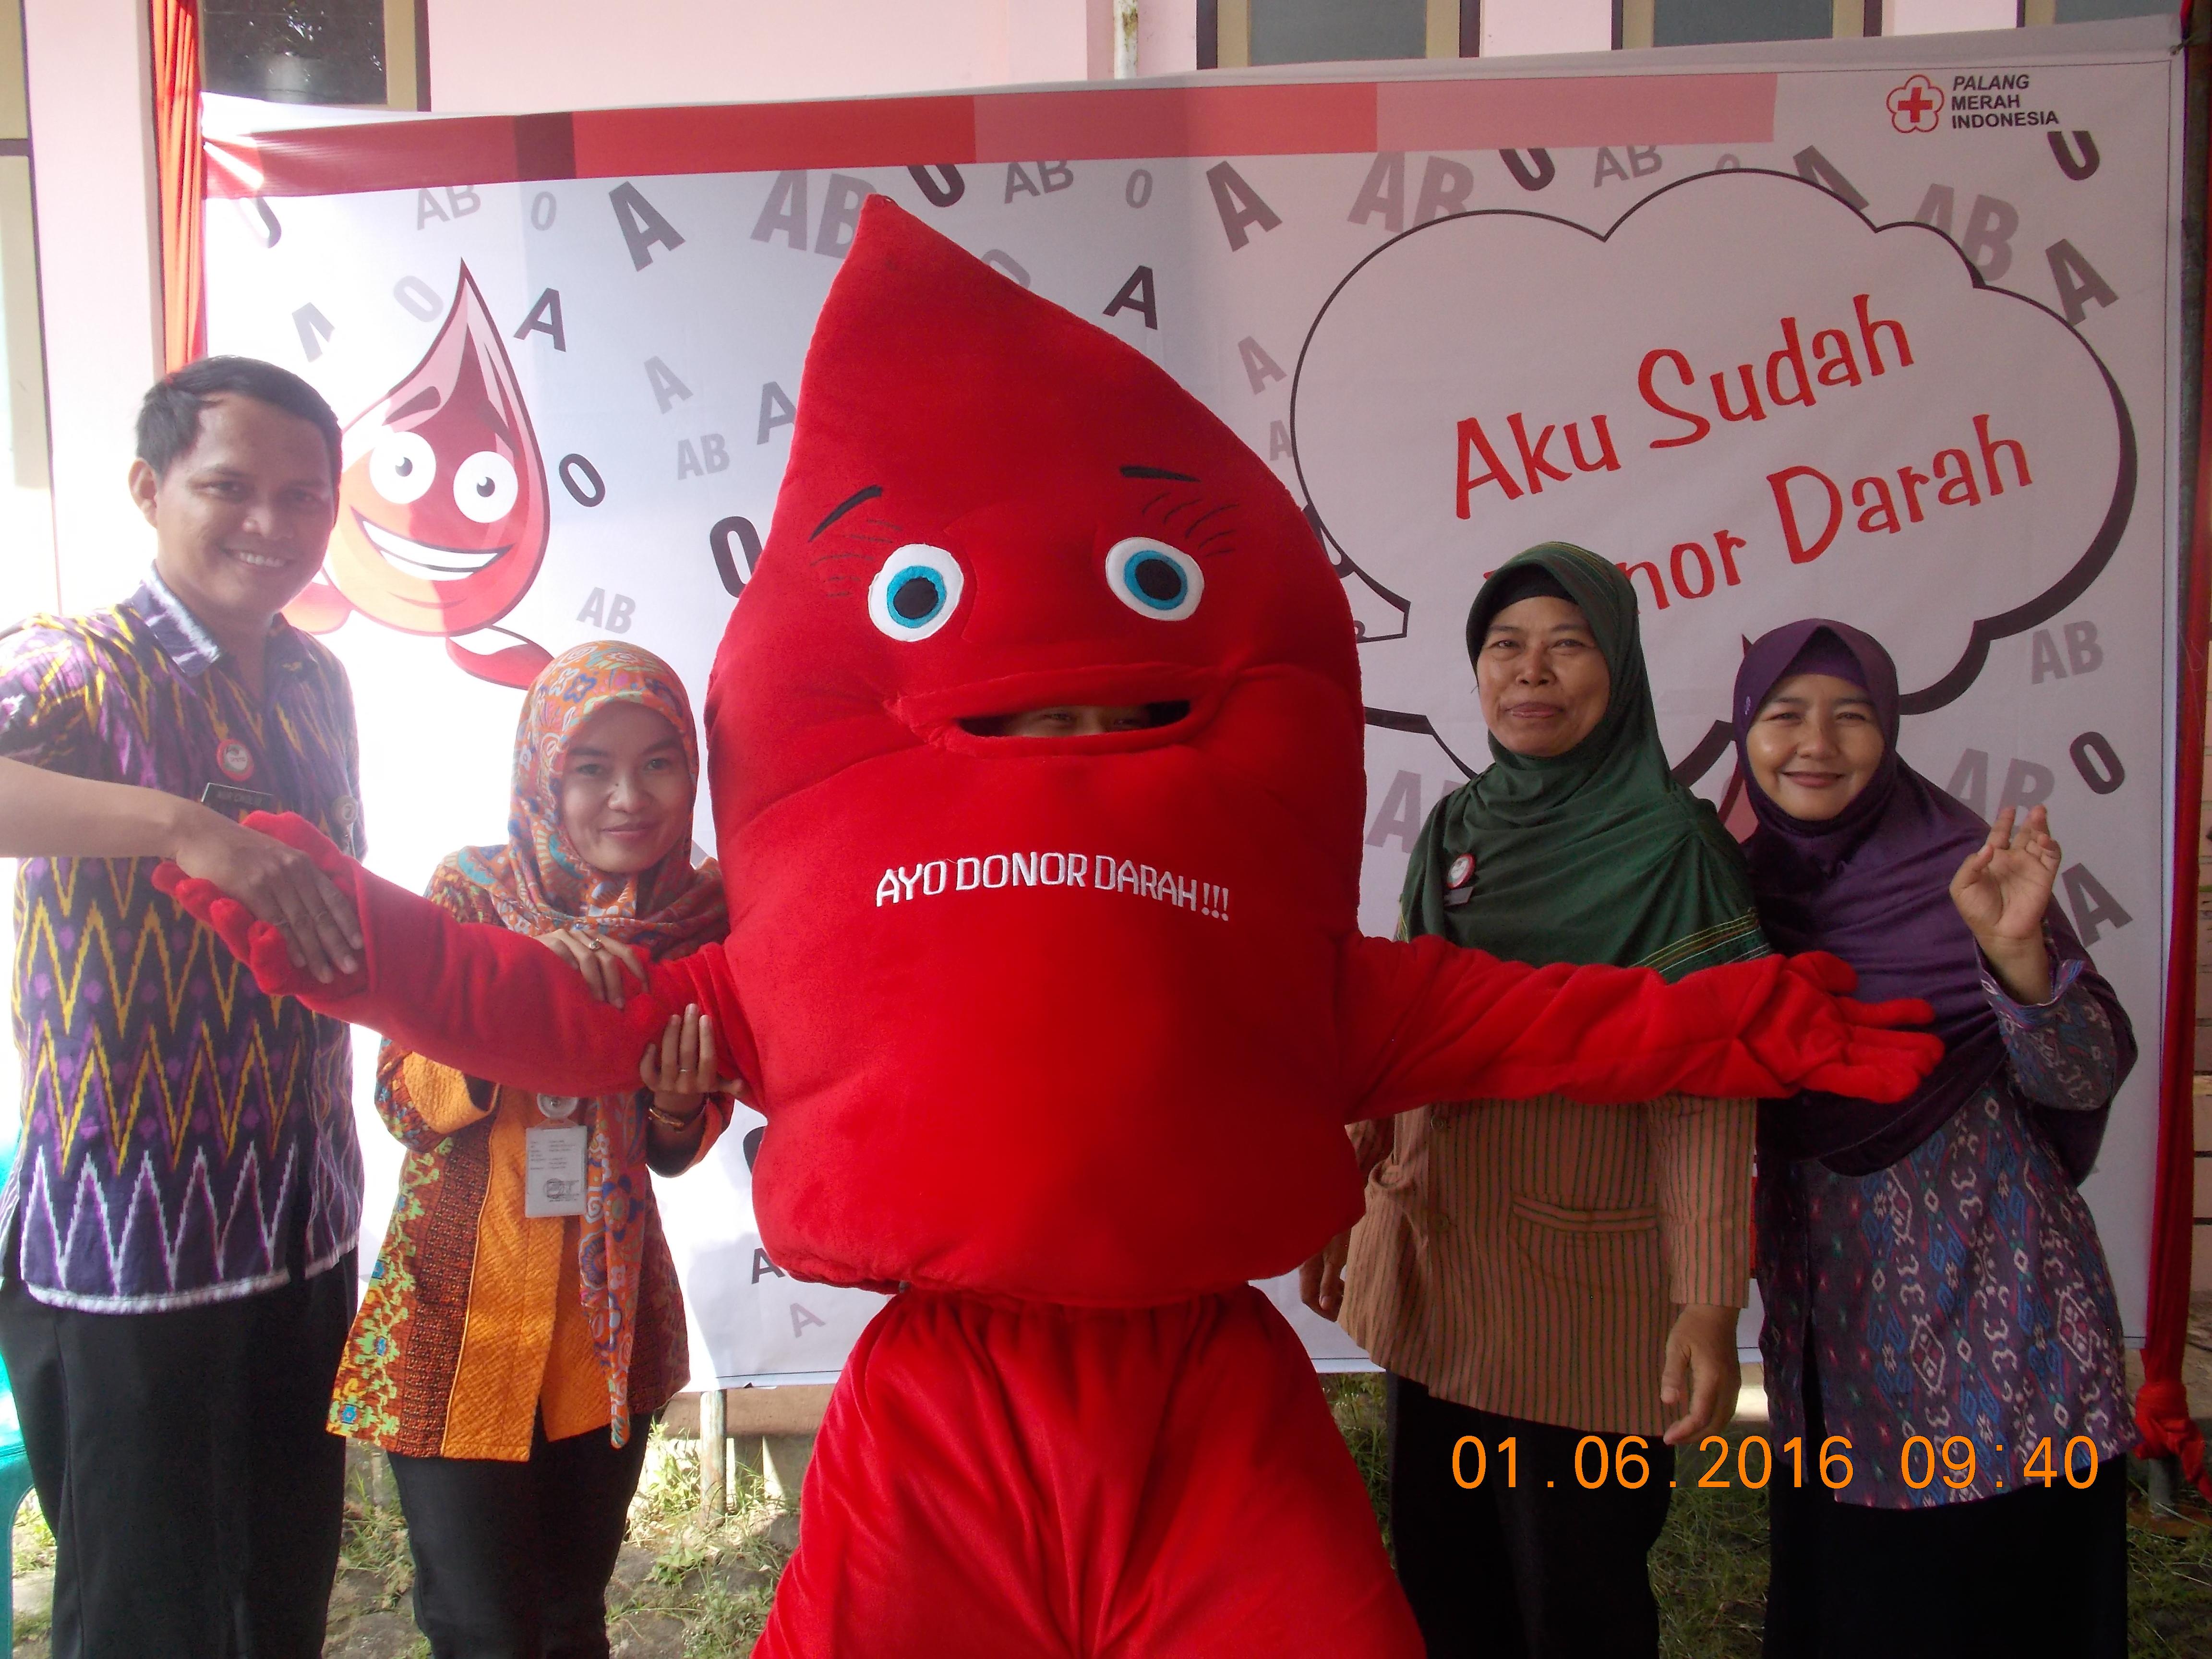 Syarat Donor Darah